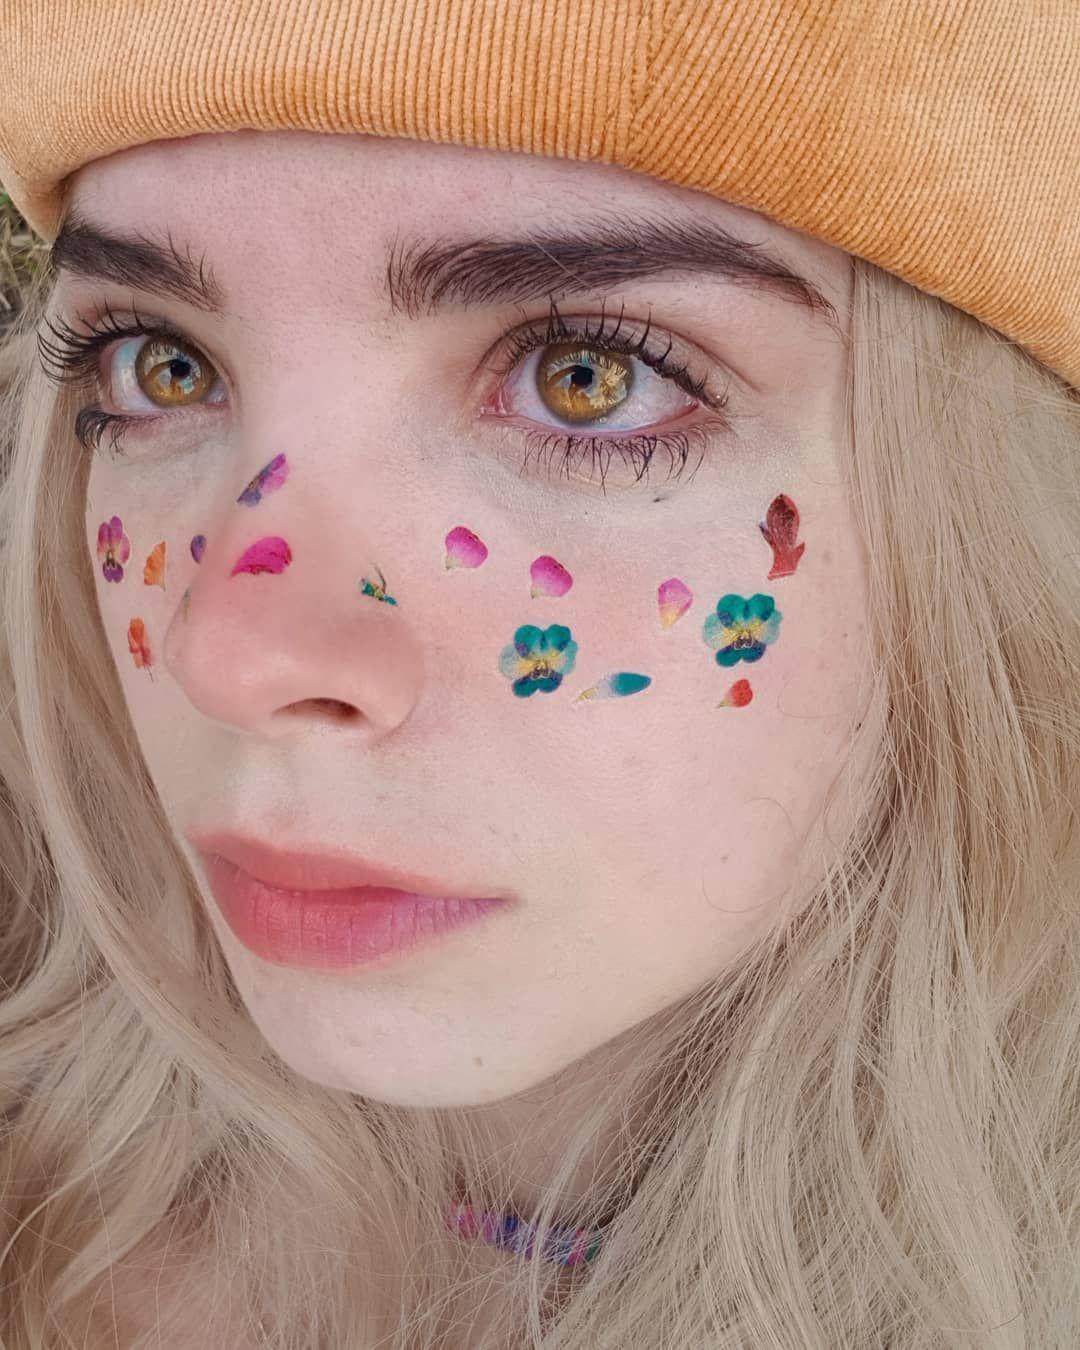 Flower freckles in 2020 Amber eyes, Beautiful eyes